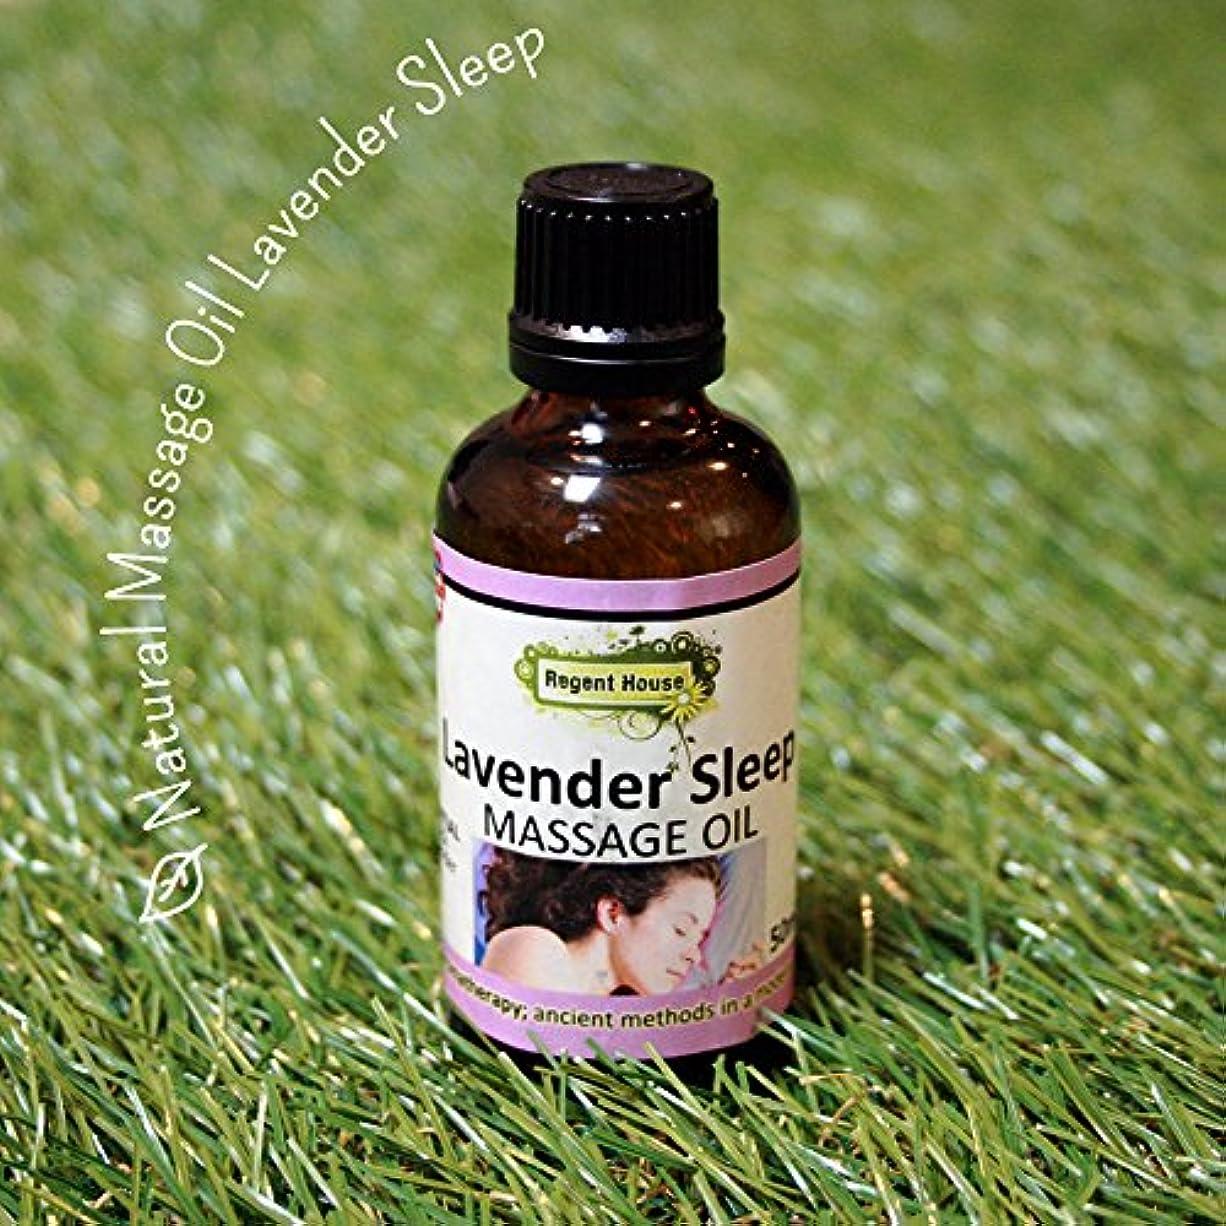 溶けた姿勢合唱団フランス産のオーガニックラベンダーのみの、贅沢オイル。 アロマ ナチュラル マッサージオイル 50ml ラベンダースリープ(Aroma Massage Oil Lavender Sleep)